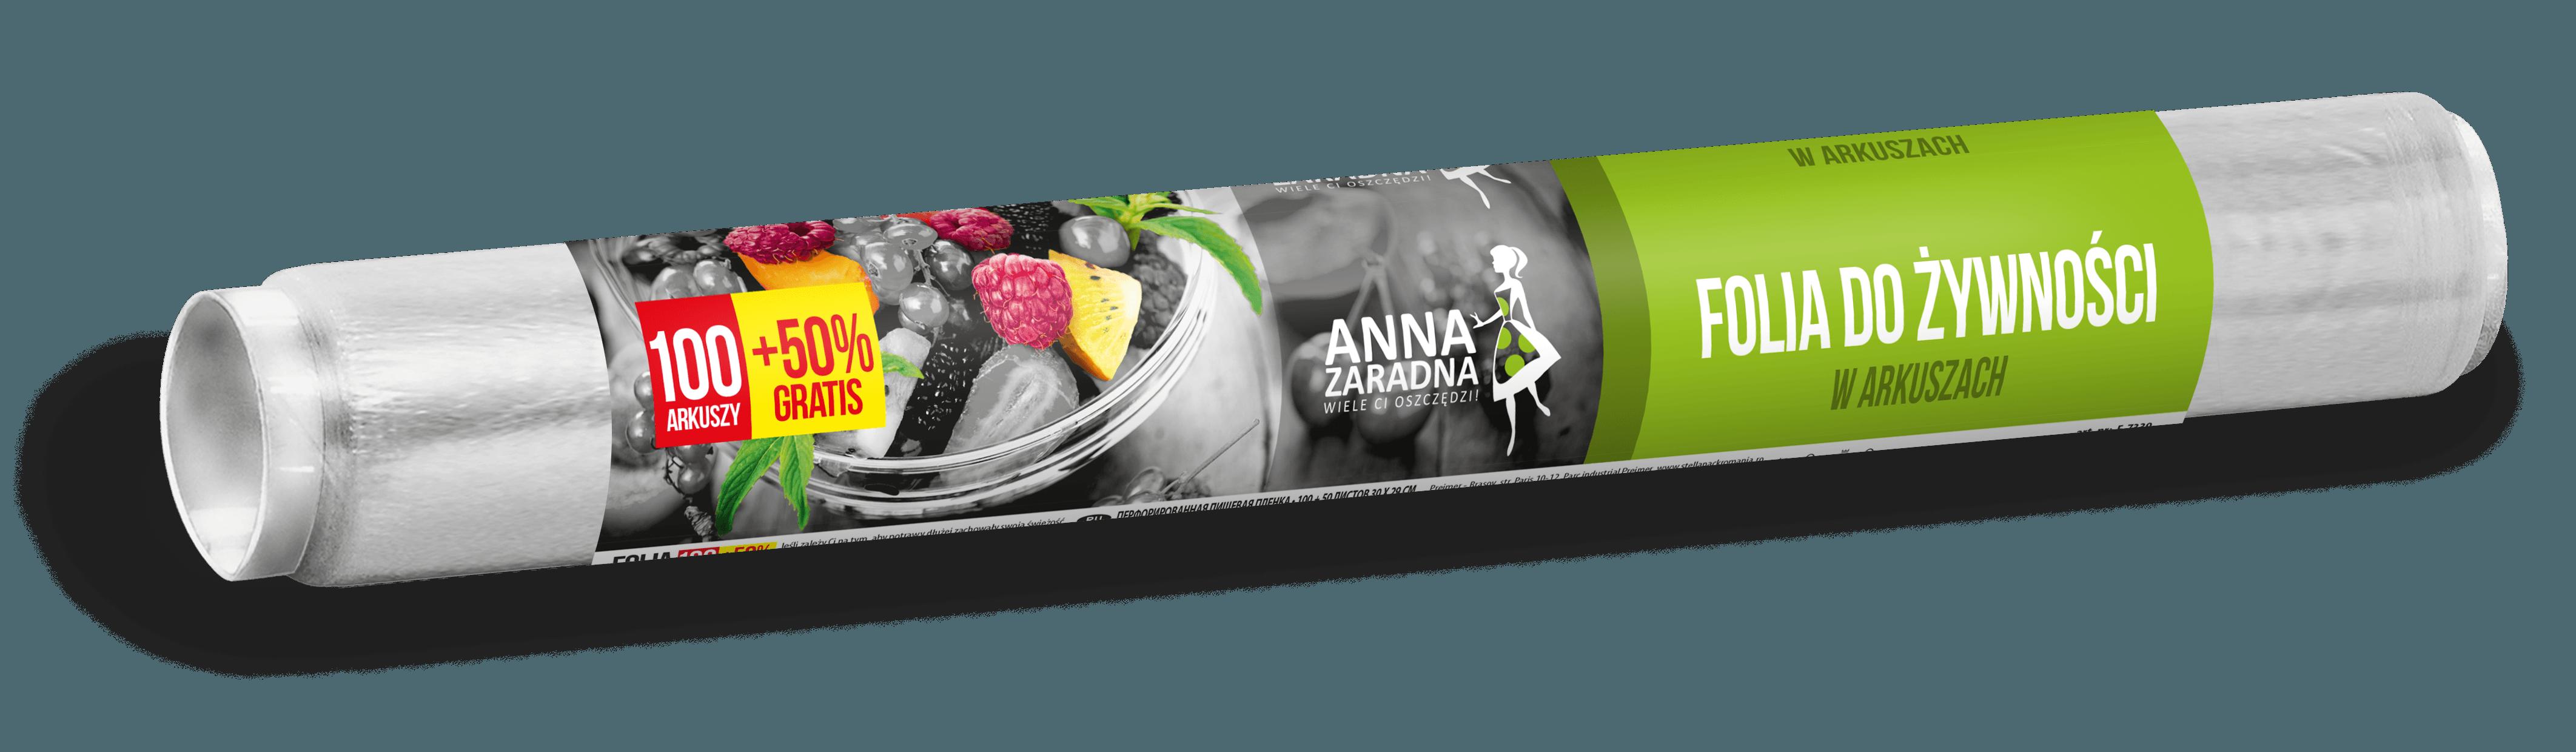 Folia do żywności w arkuszach 100 ark + 50% GRATIS Anna Zaradna